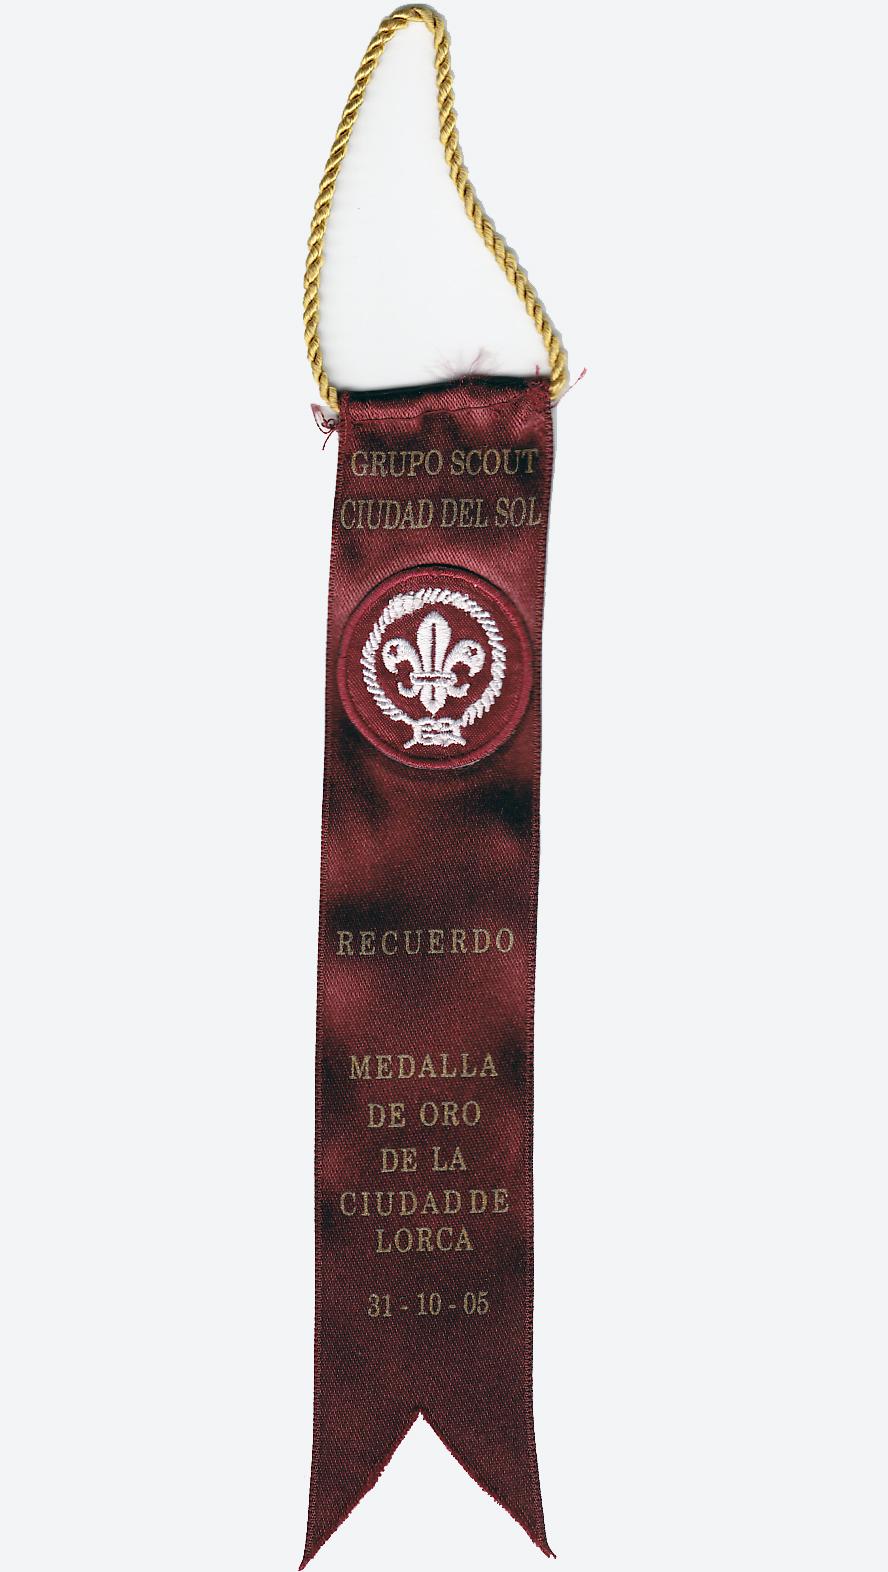 2005 Recuerdo Grupo Scout Ciudad del Sol 108